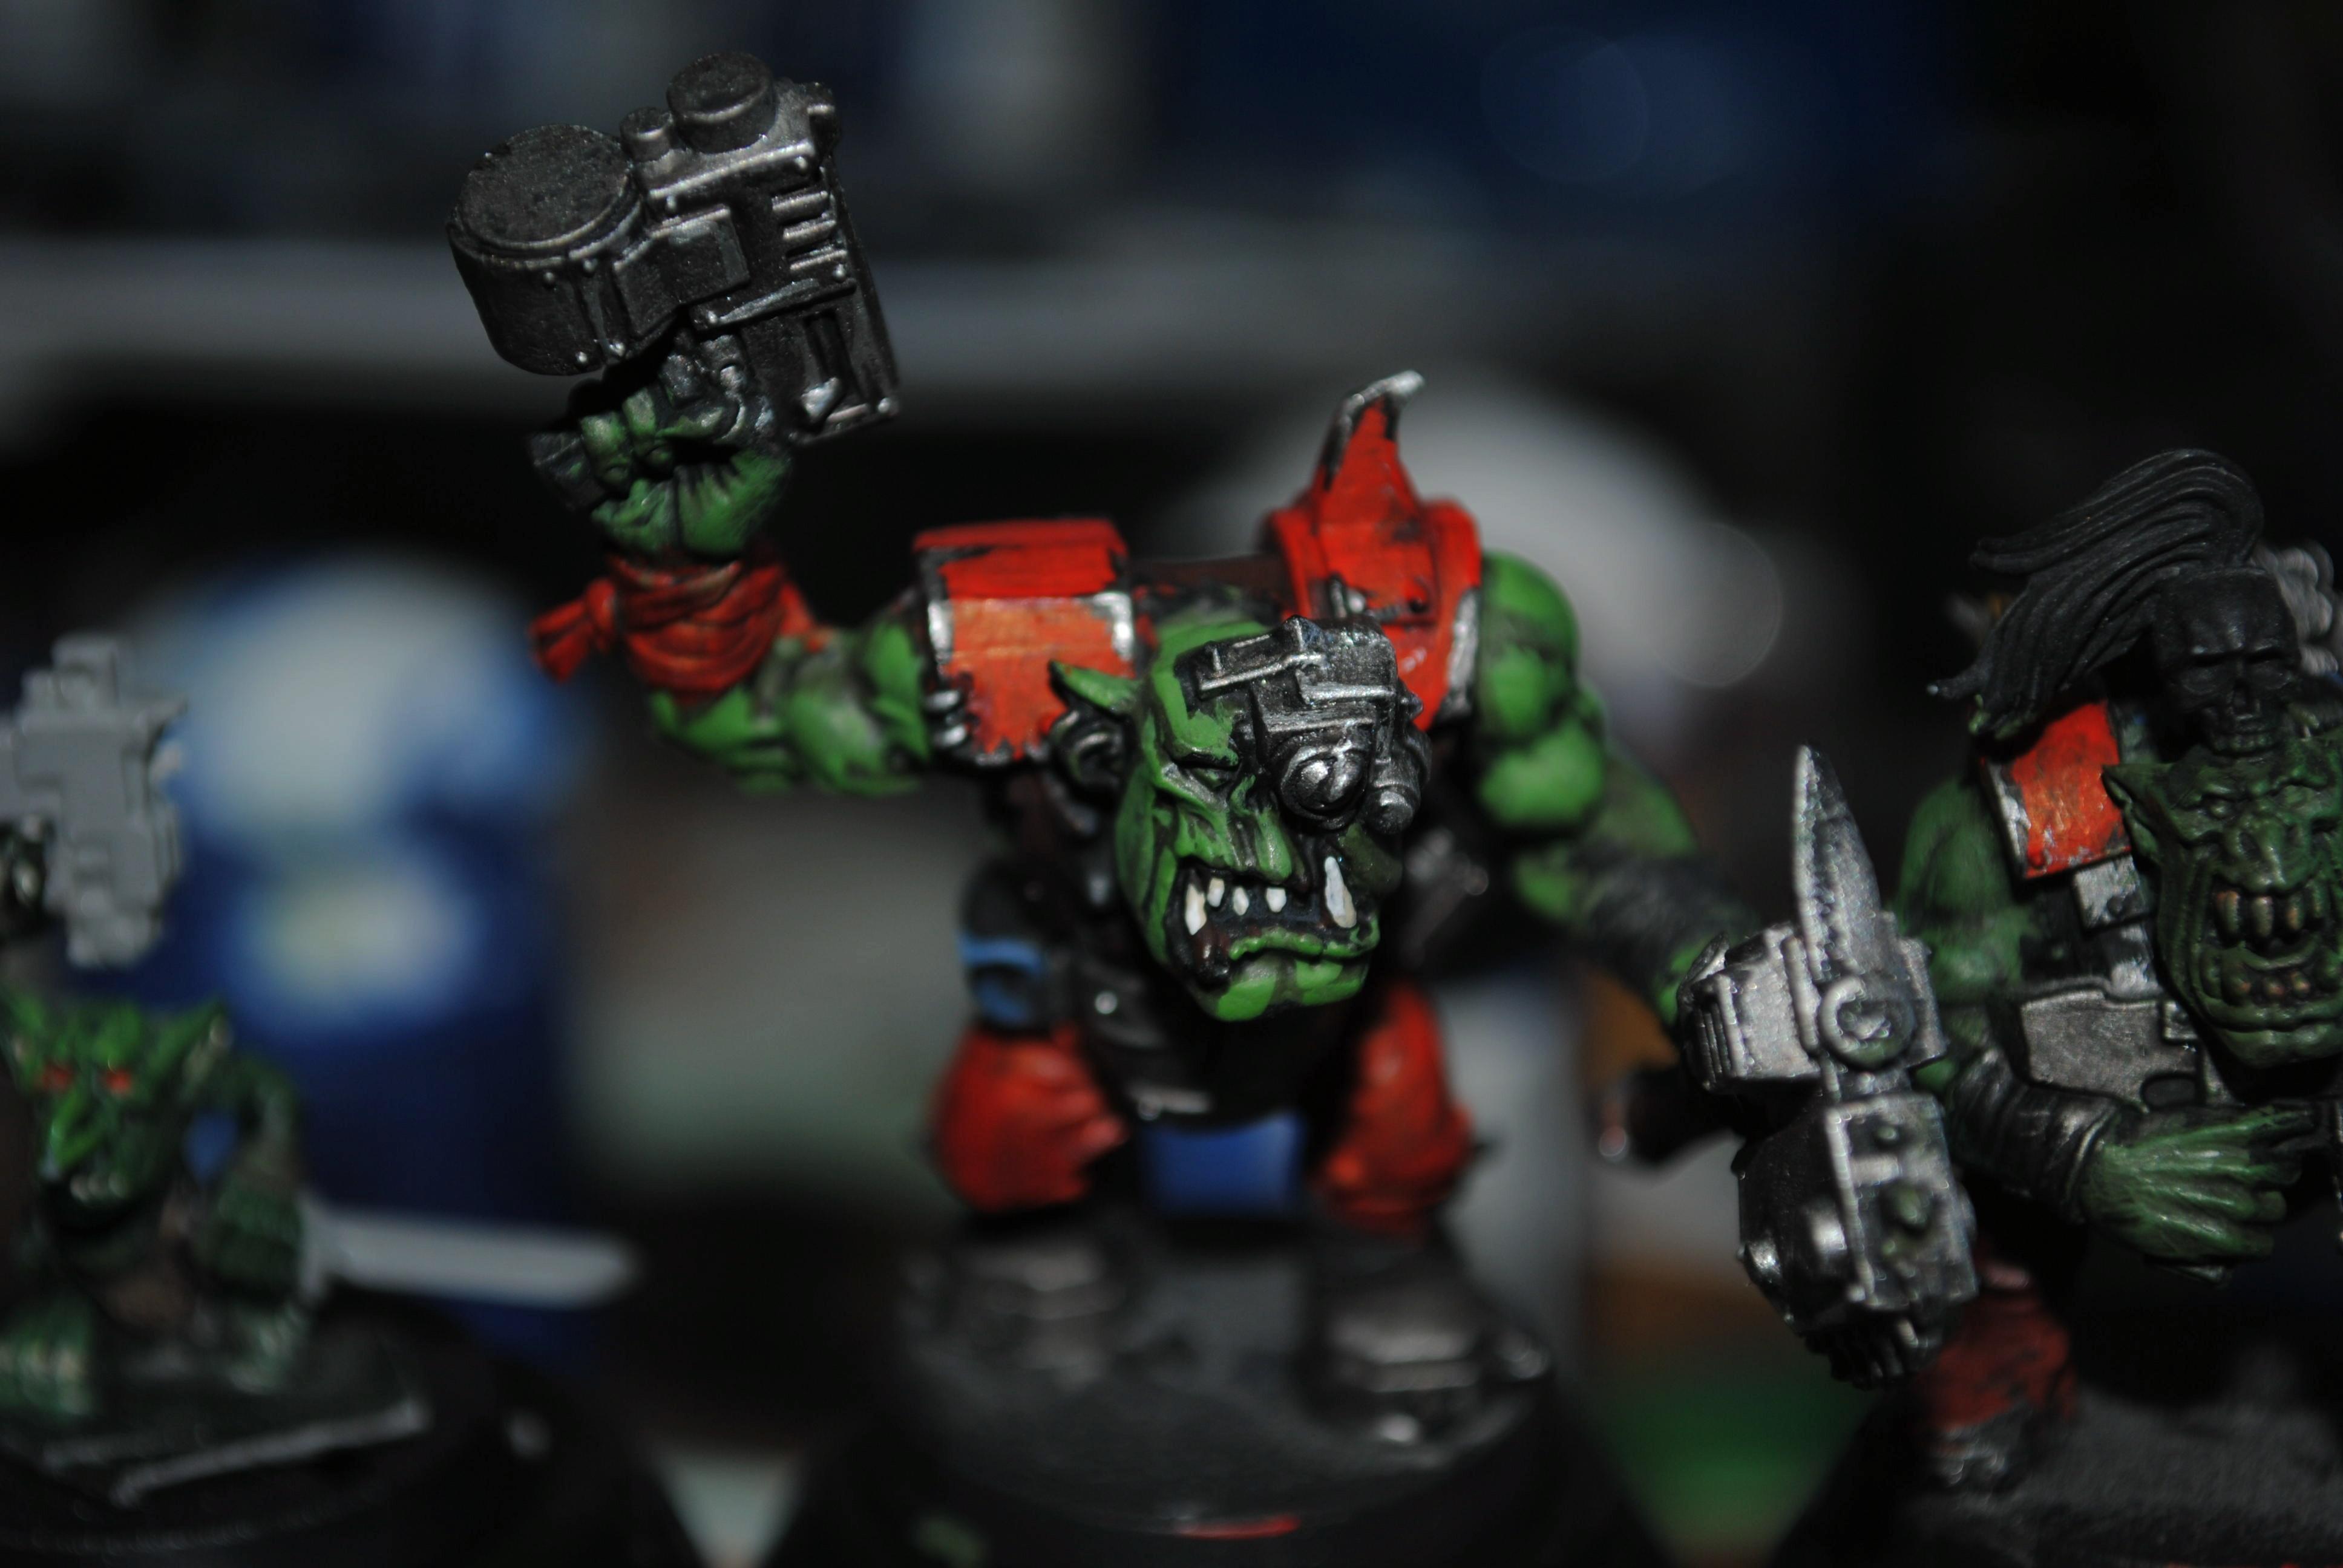 Nob, Orks, The Nob